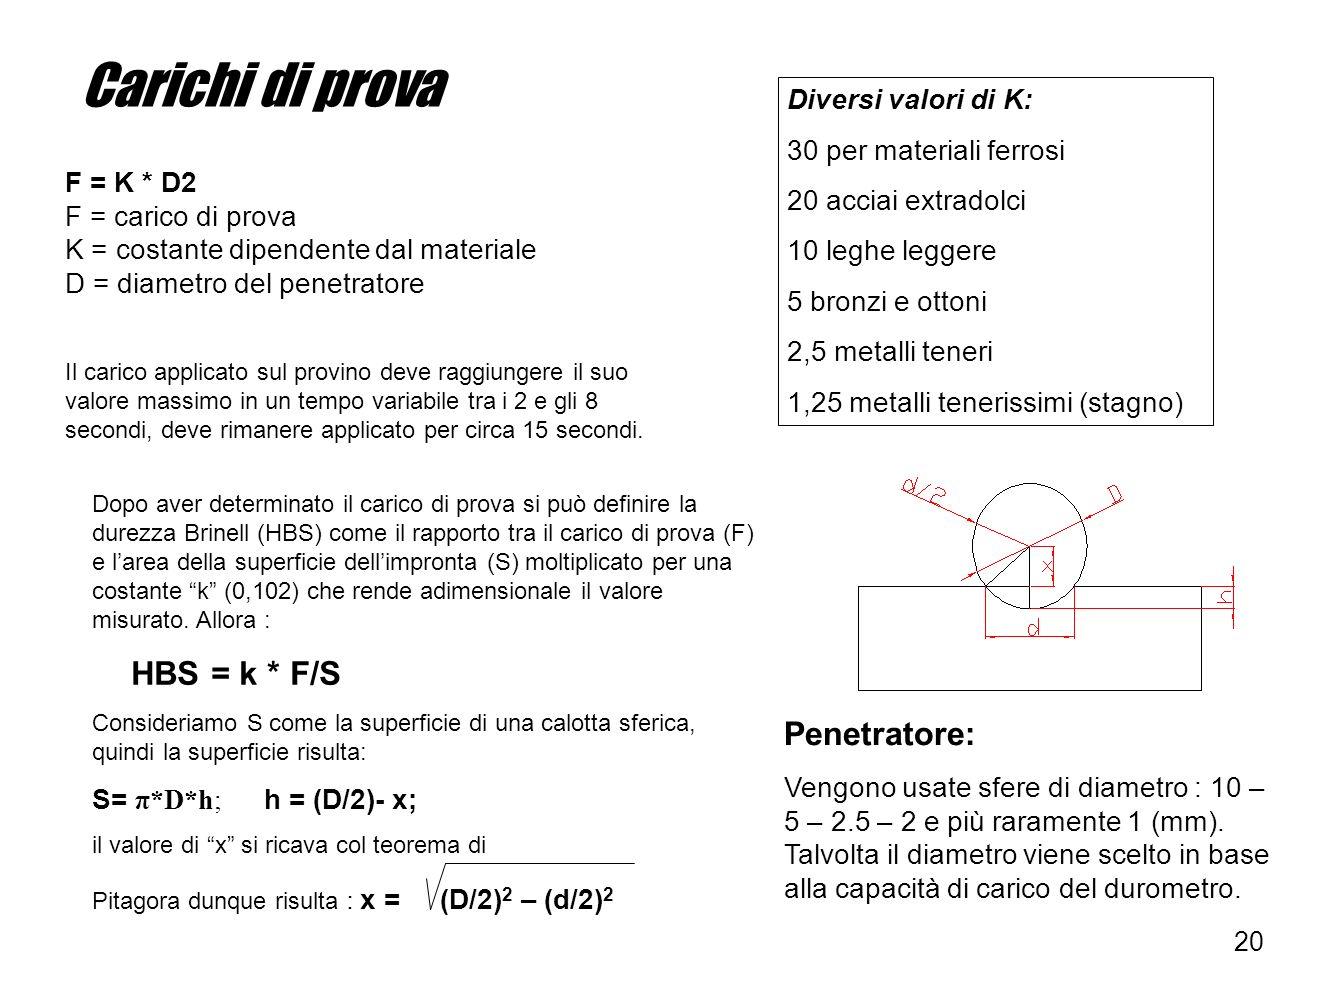 20 Carichi di prova F = K * D2 F = carico di prova K = costante dipendente dal materiale D = diametro del penetratore Il carico applicato sul provino